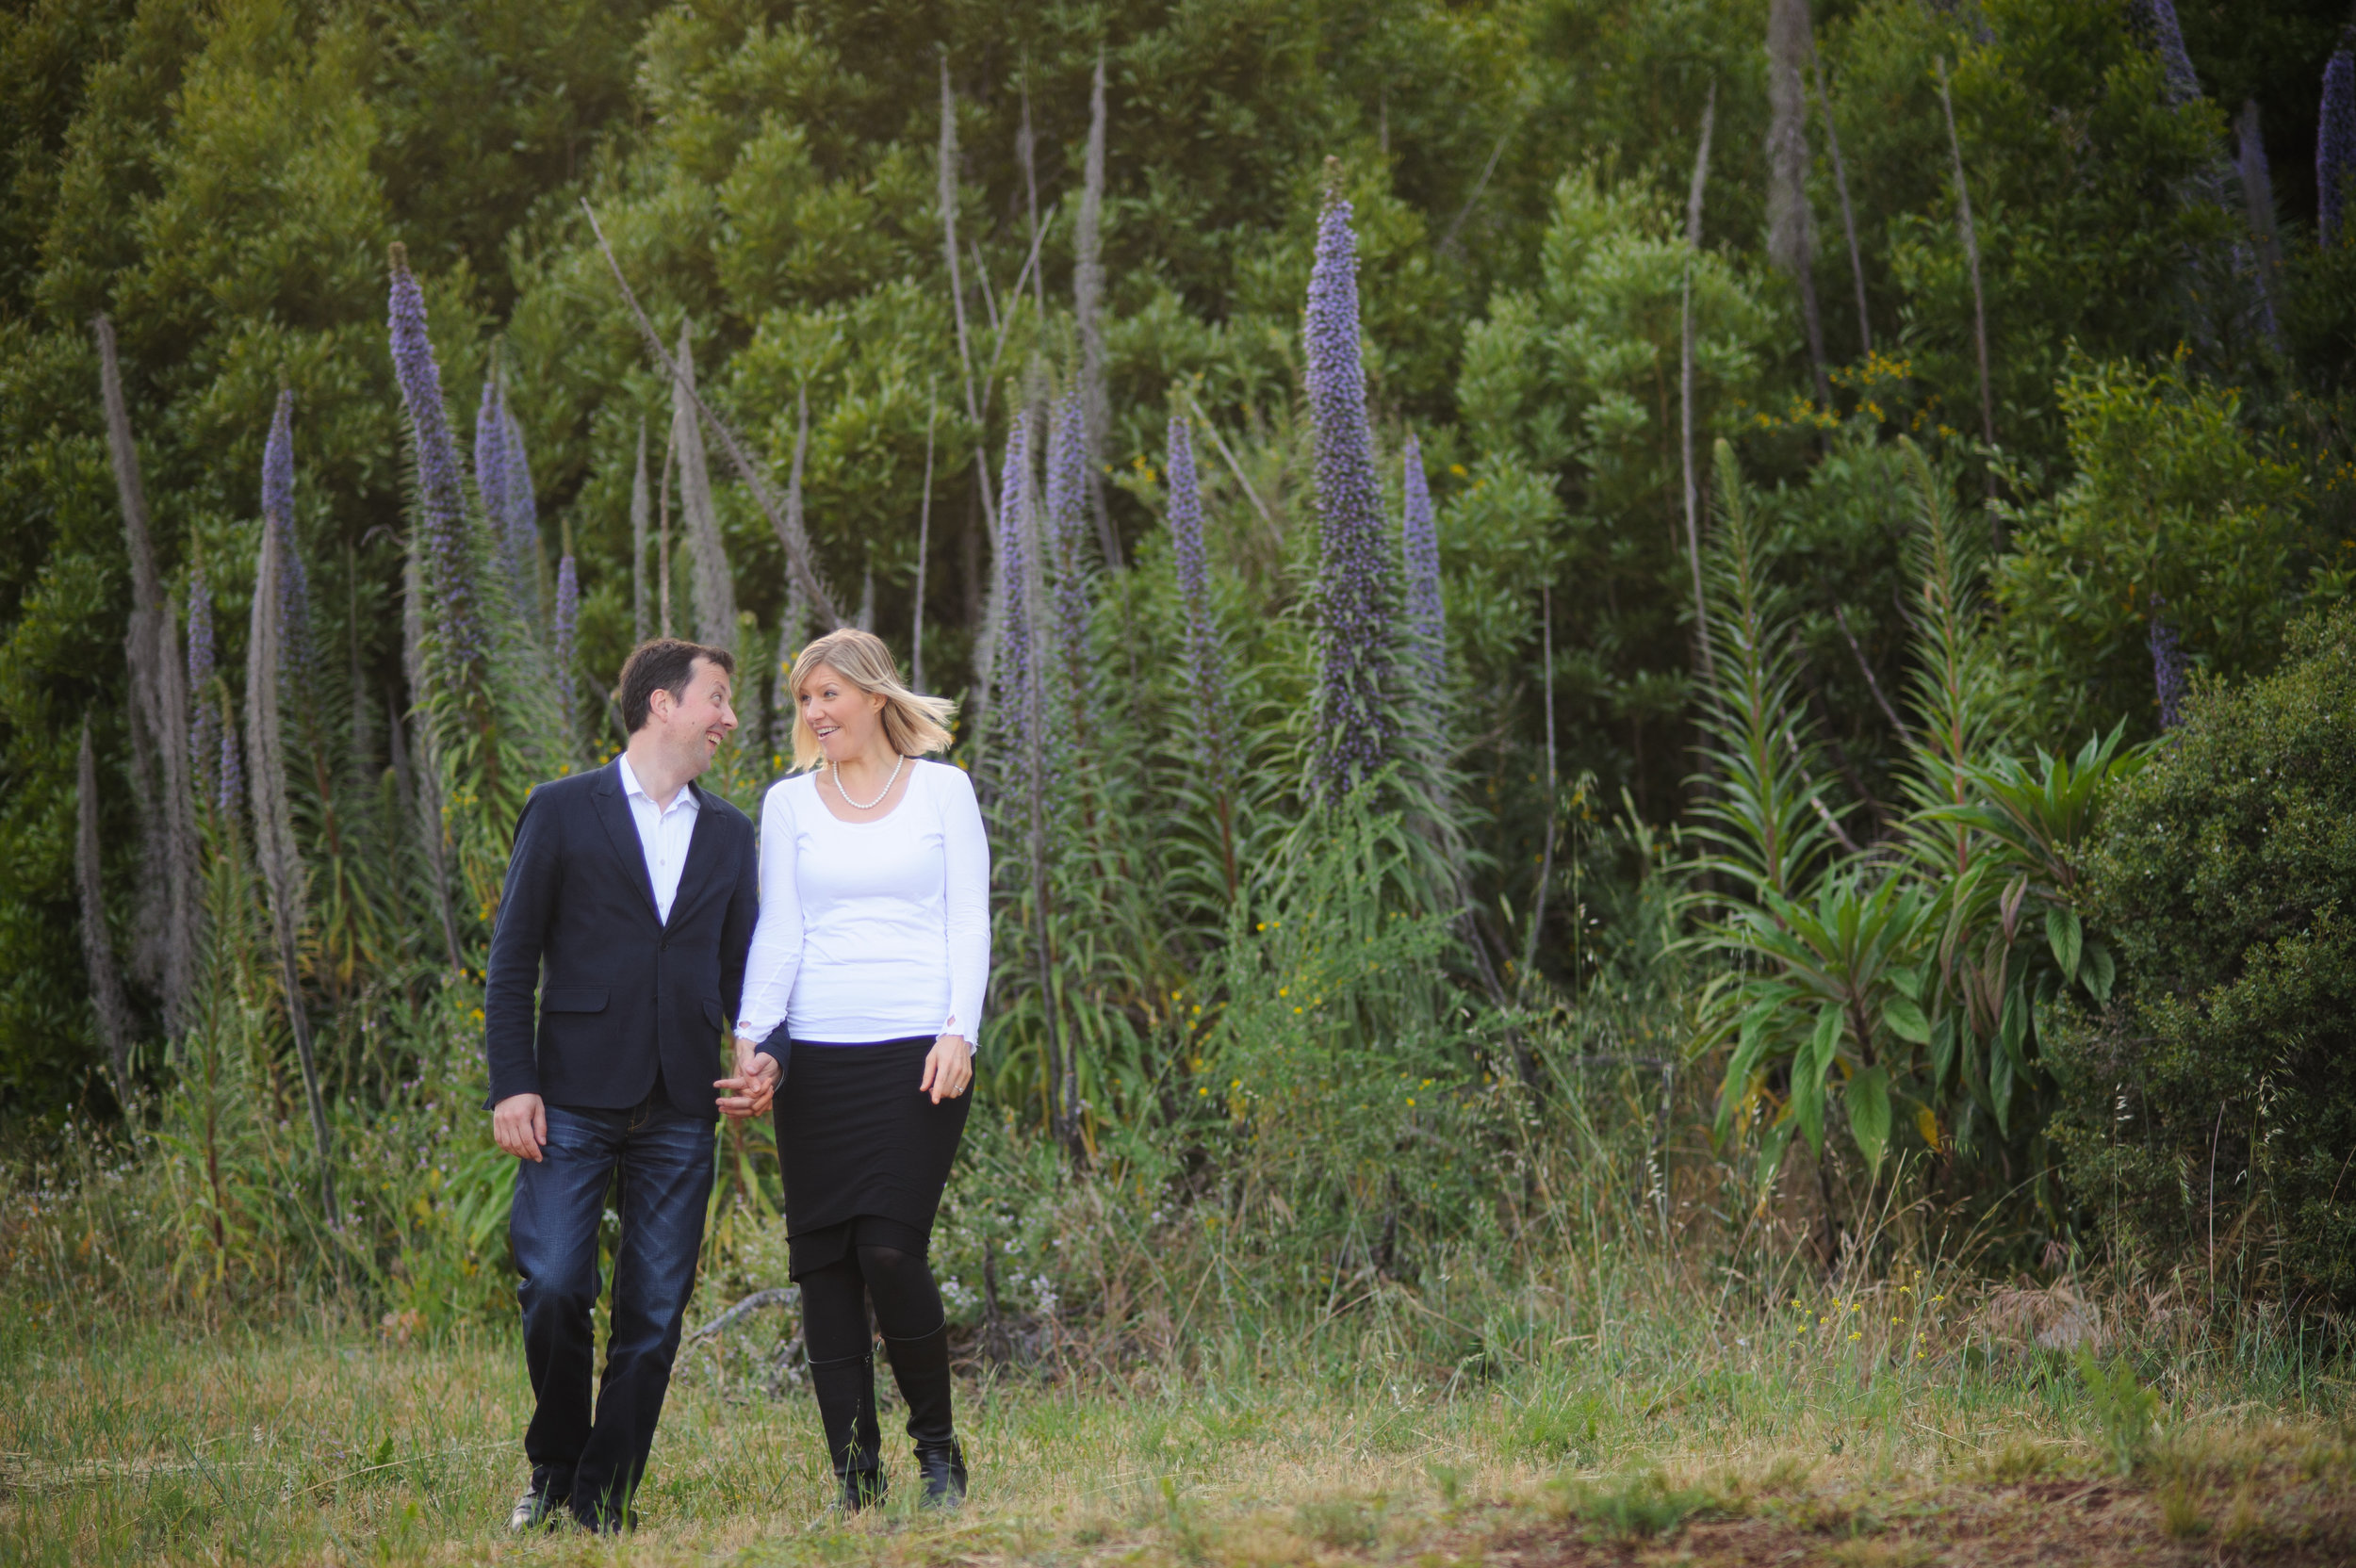 reed-aleks-004-san-francisco-engagement-wedding-photographer-katherine-nicole-photography.JPG